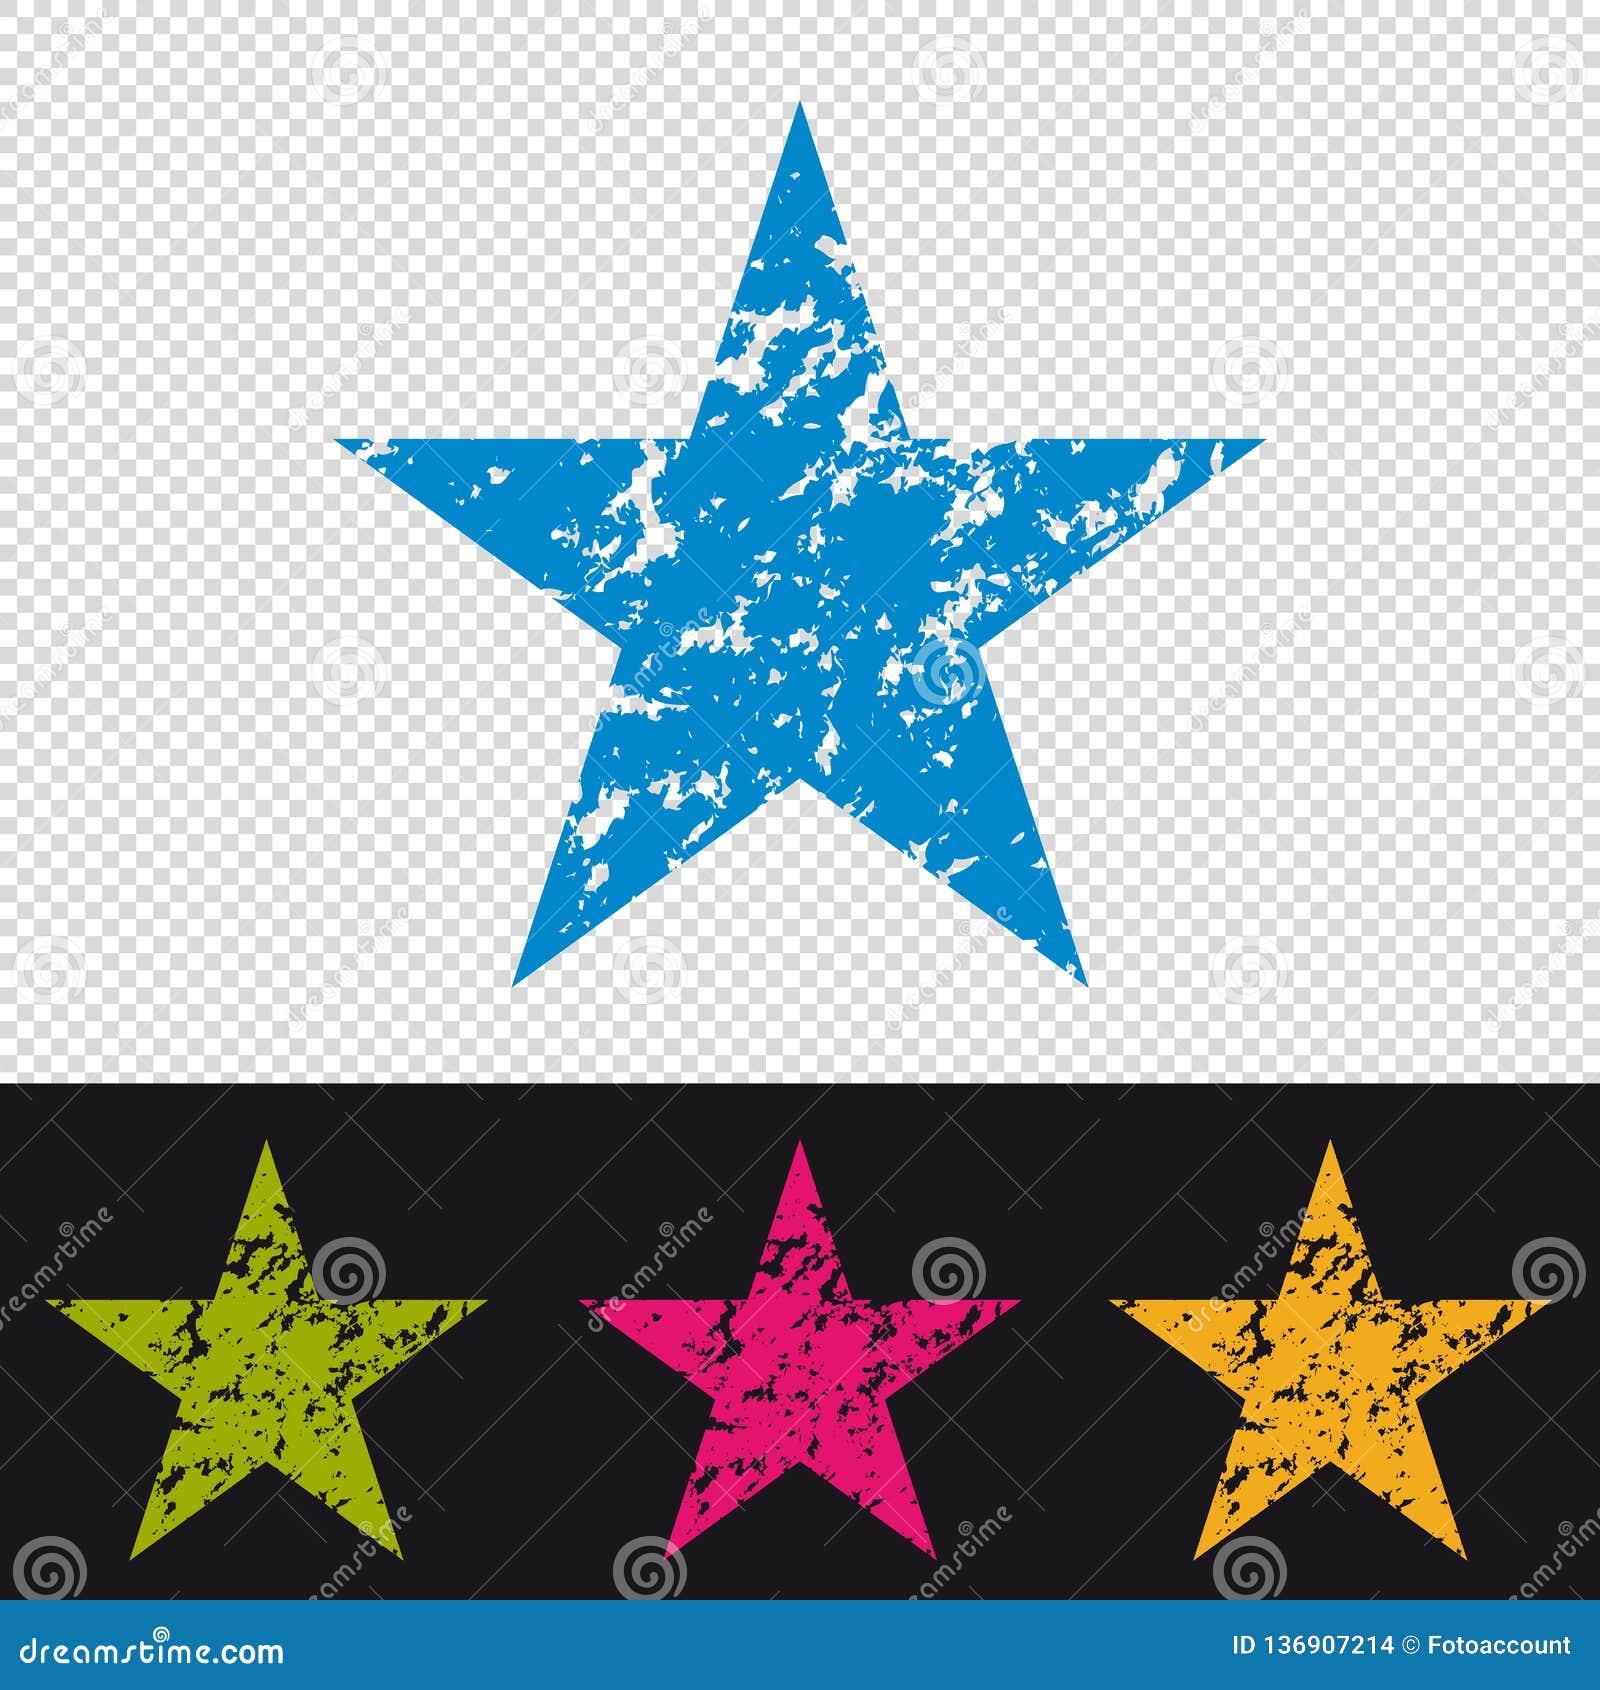 Icono de la estrella - sello del sello de goma - ejemplo colorido del vector - aislado en fondo transparente y negro